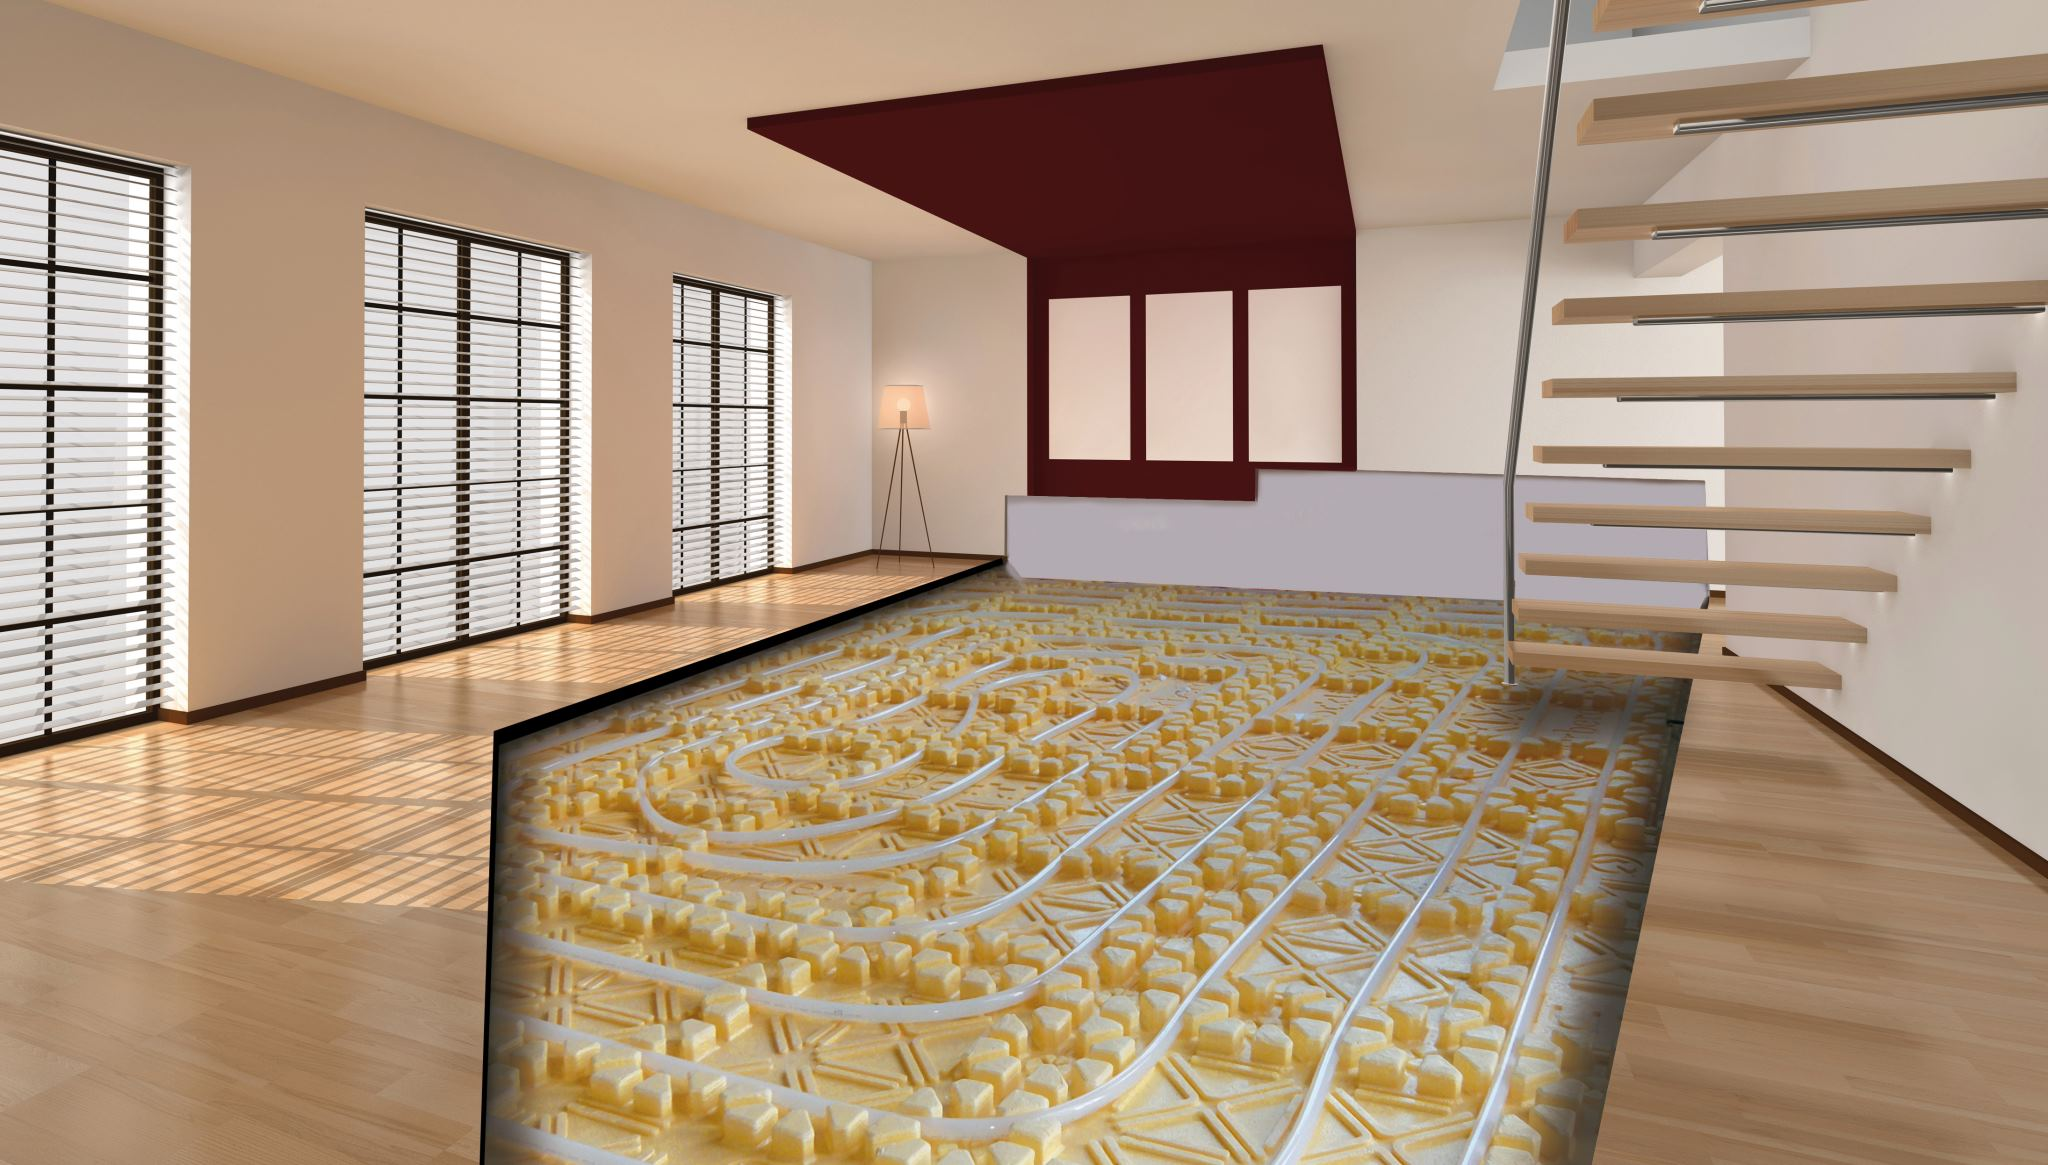 Nuevo suelo radiante de orkli - Como instalar suelo radiante ...